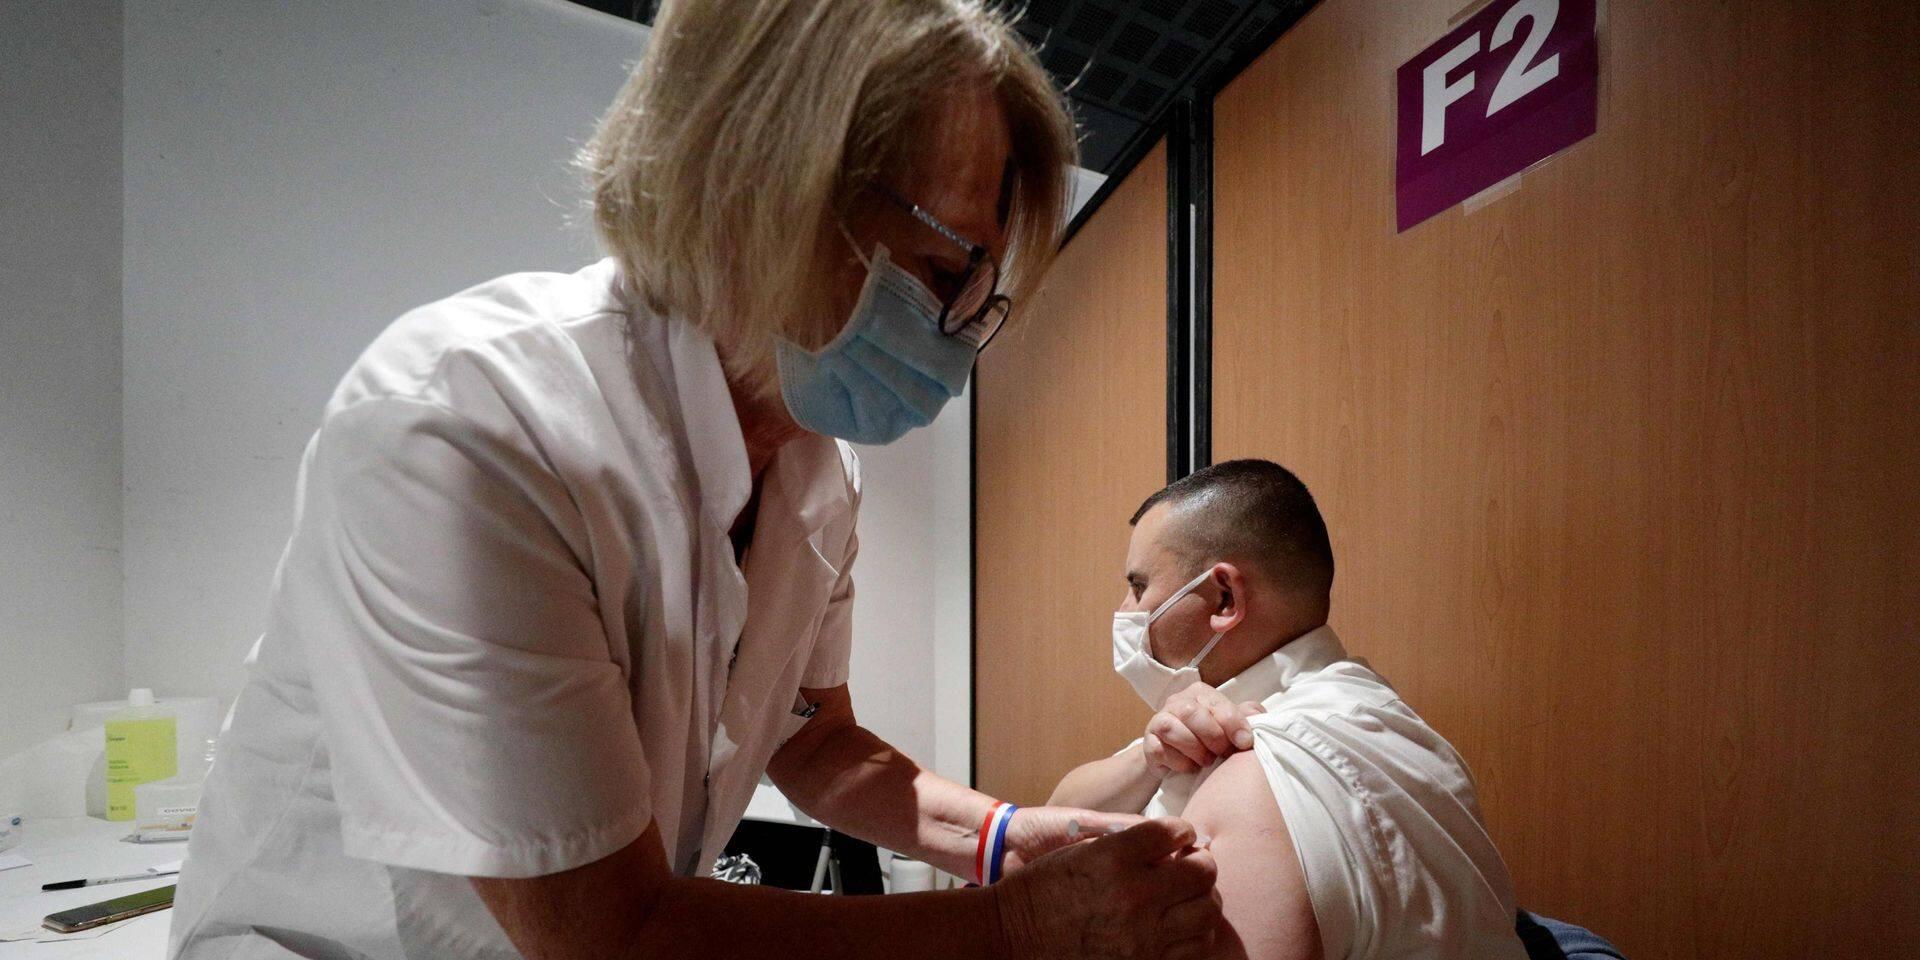 Selon une étude, les récompenses matérielles ne motivent pas les indécis à l'égard des vaccins